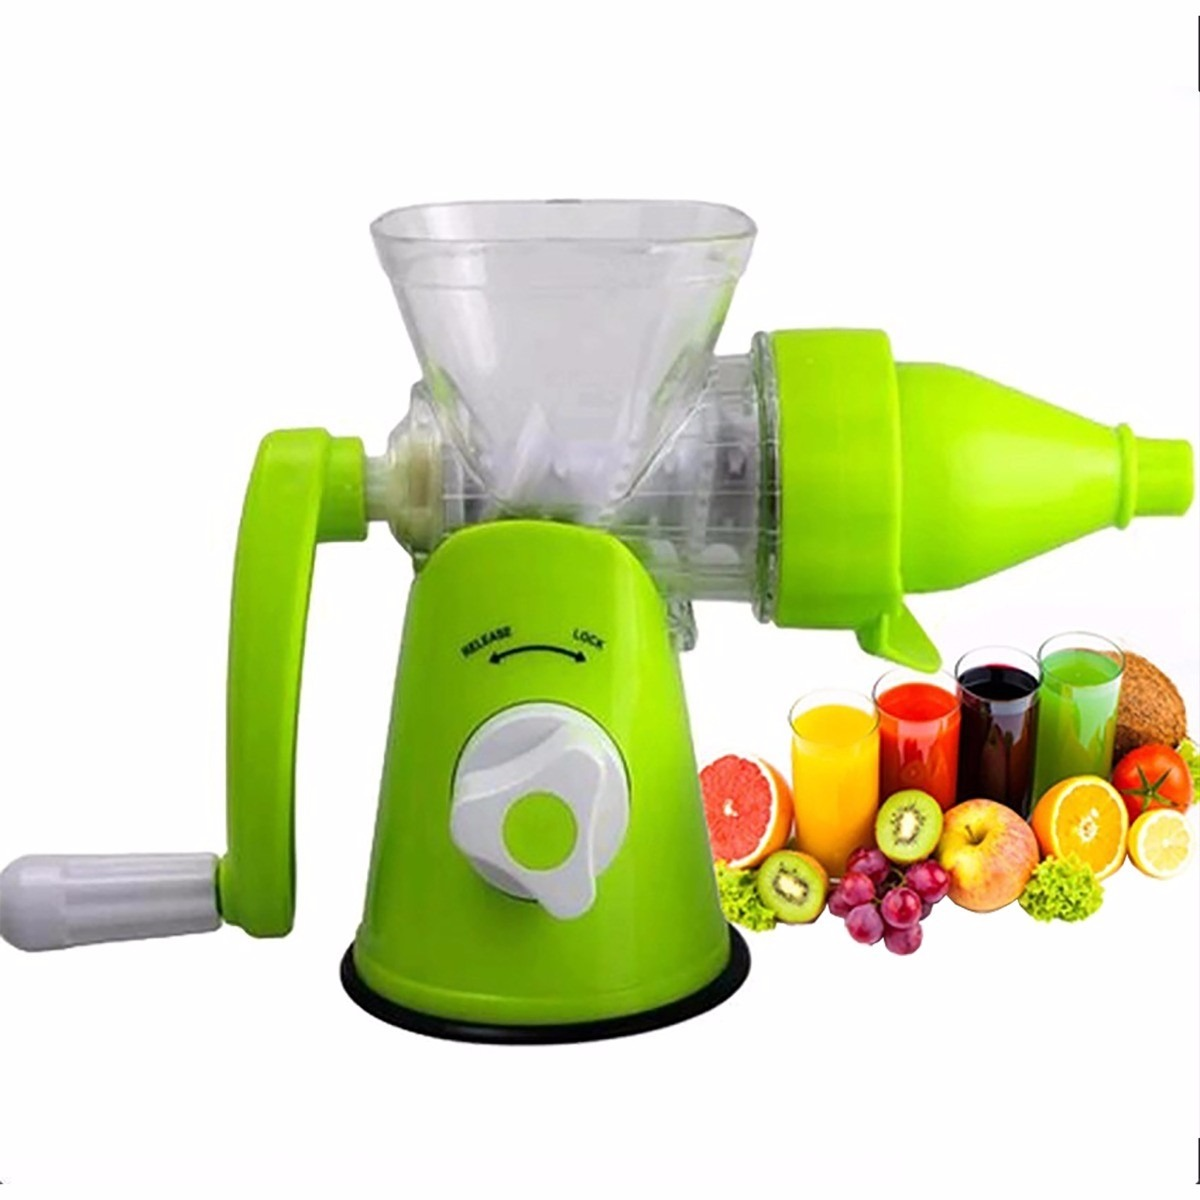 Melhor Slow Juicer Do Mercado : Juicer Frutas Extrator Sucos Maquina Melhor Preco Cozinha - R$ 84,98 em Mercado Livre